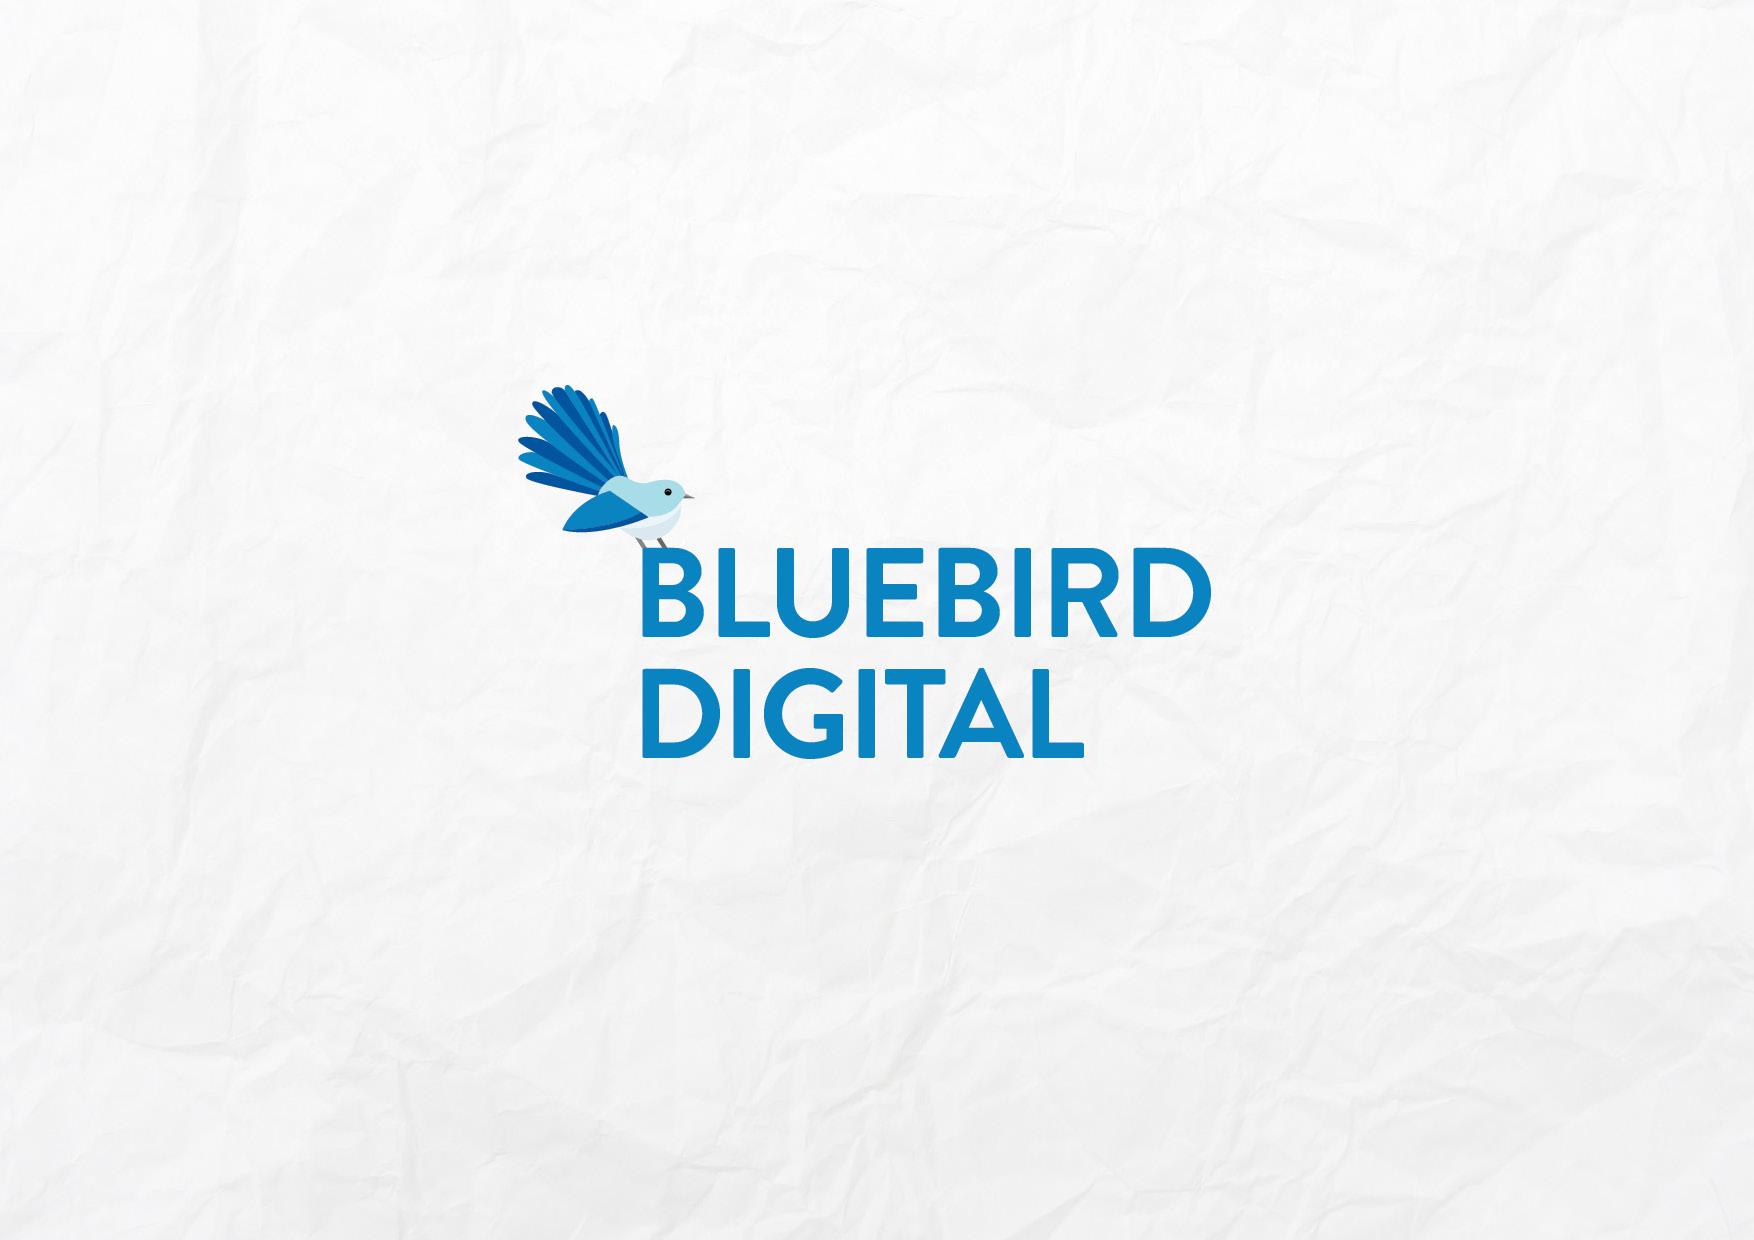 Rochelle-Vranjes-Bluebird-Digital-Branding-Guidelines.jpg